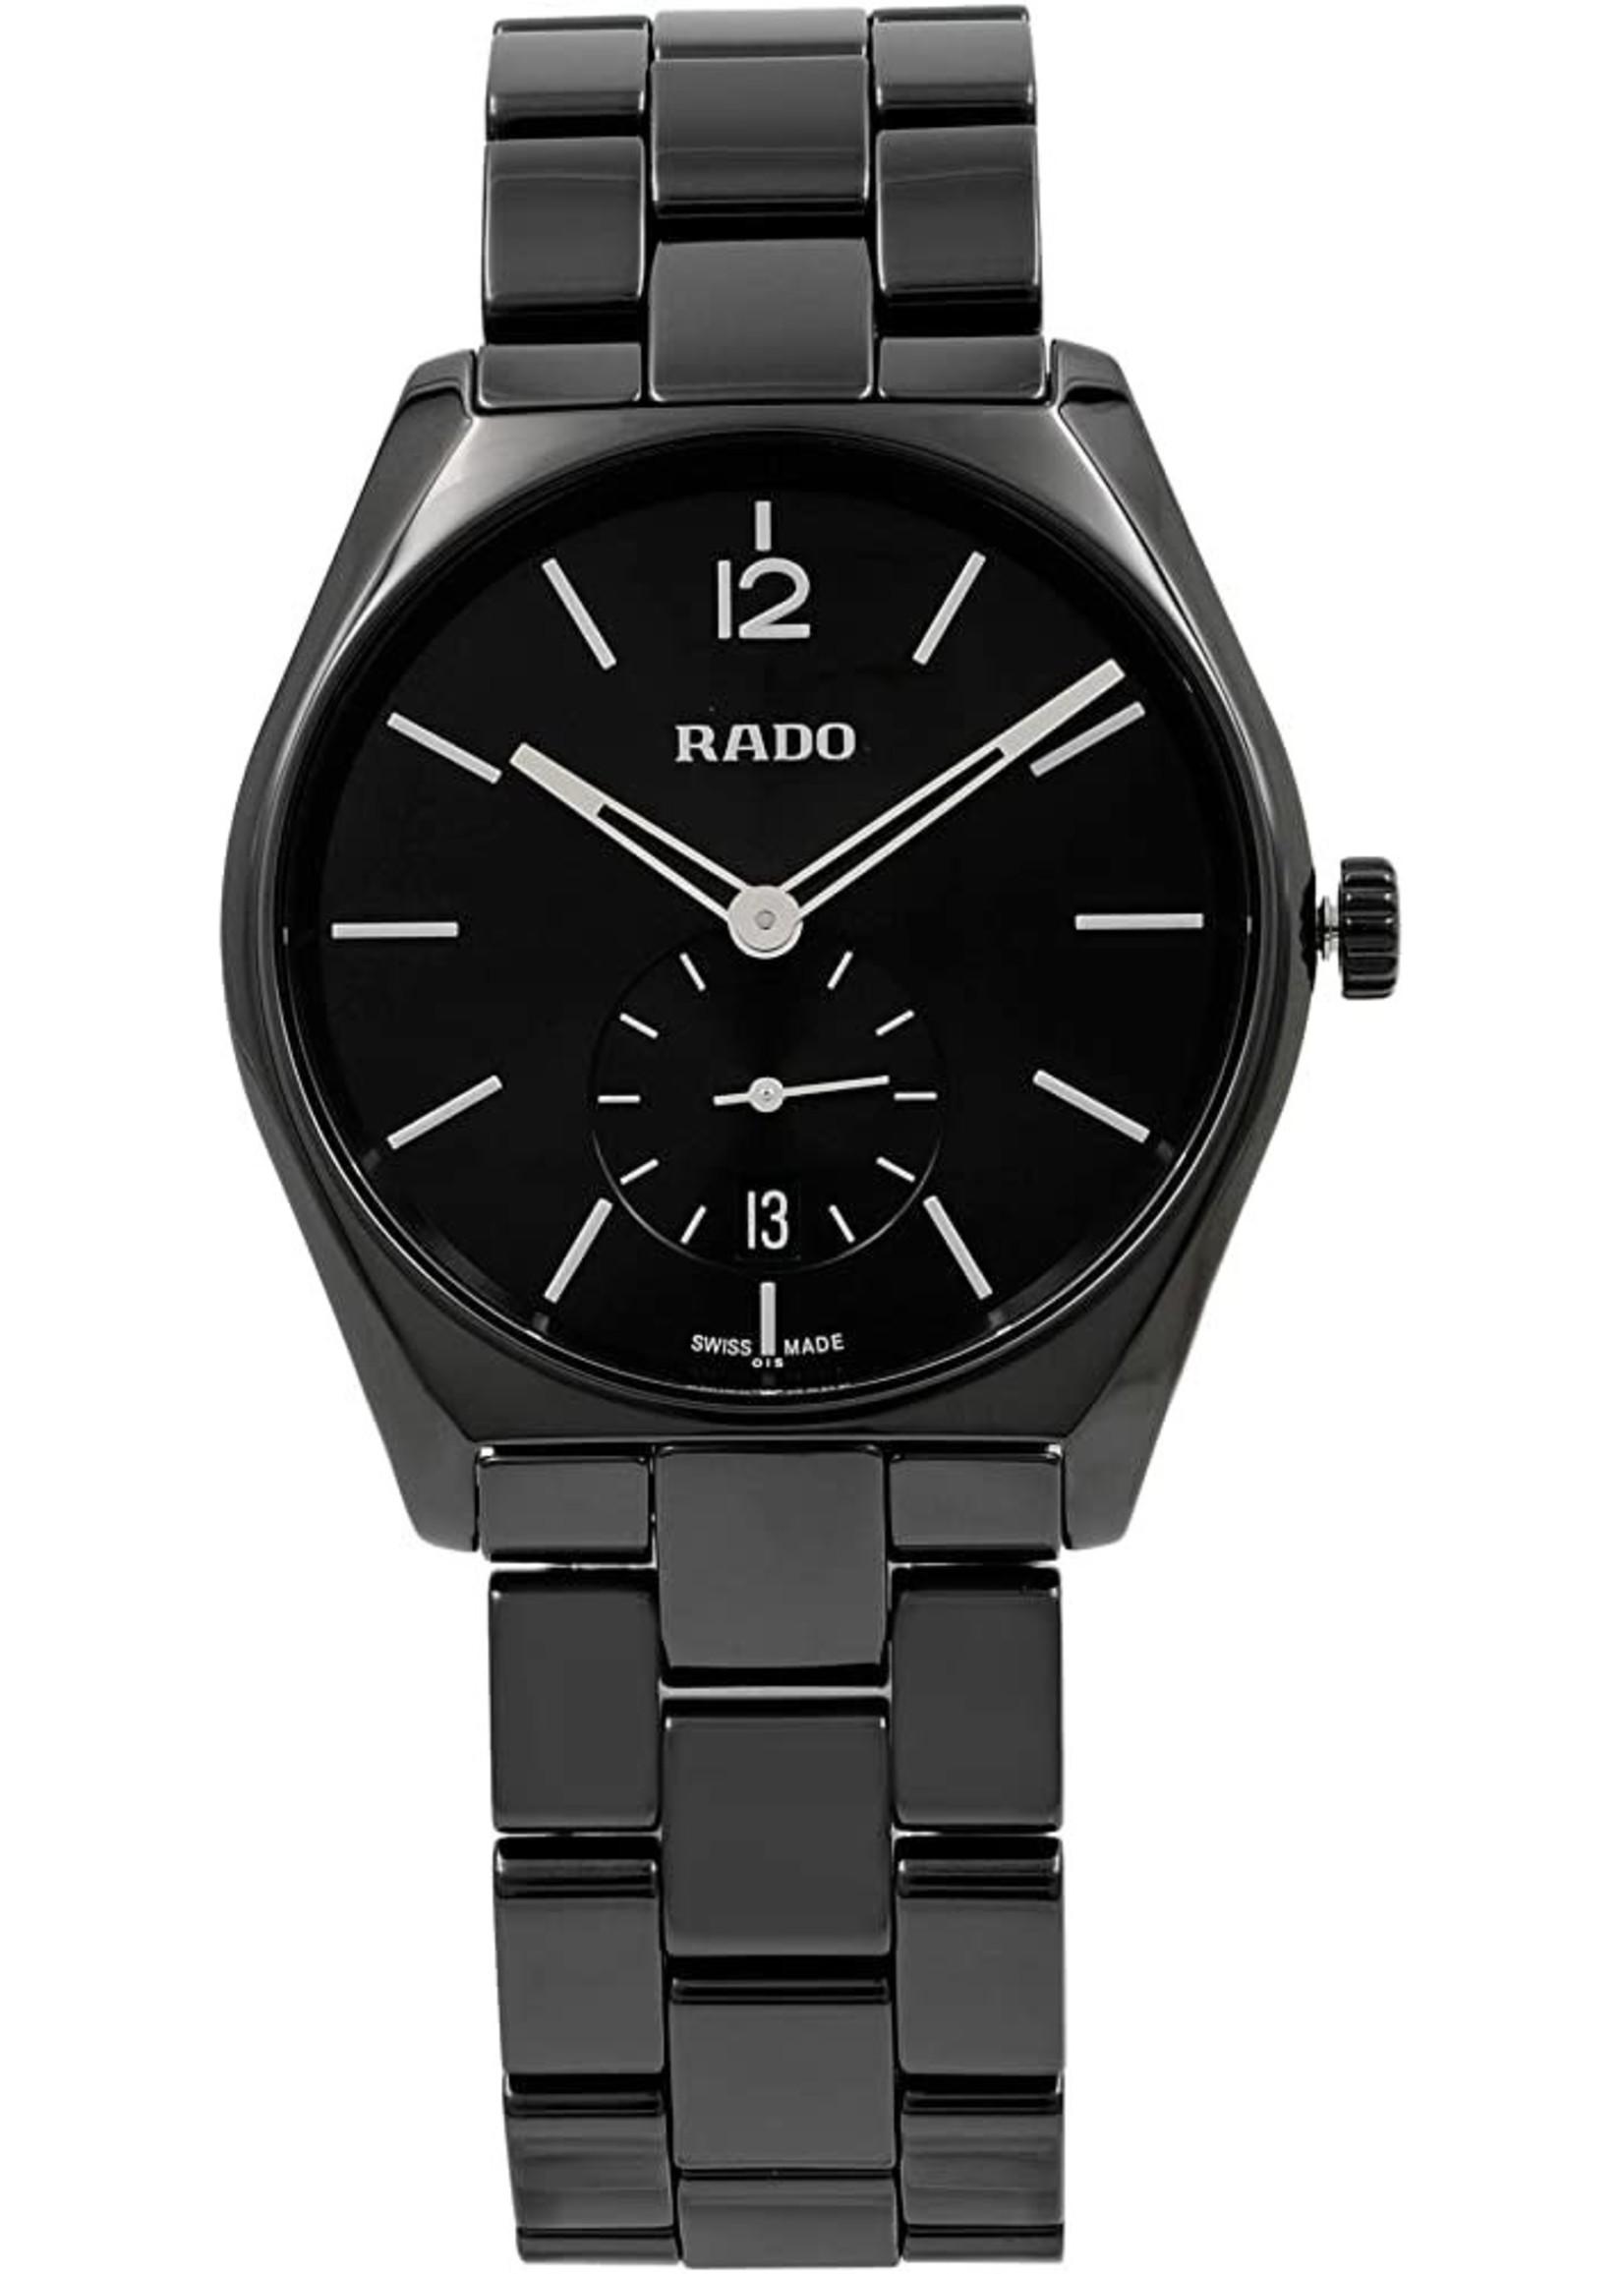 RADO RADO TRUE SPECCHIO 40MM #RAD33880G3